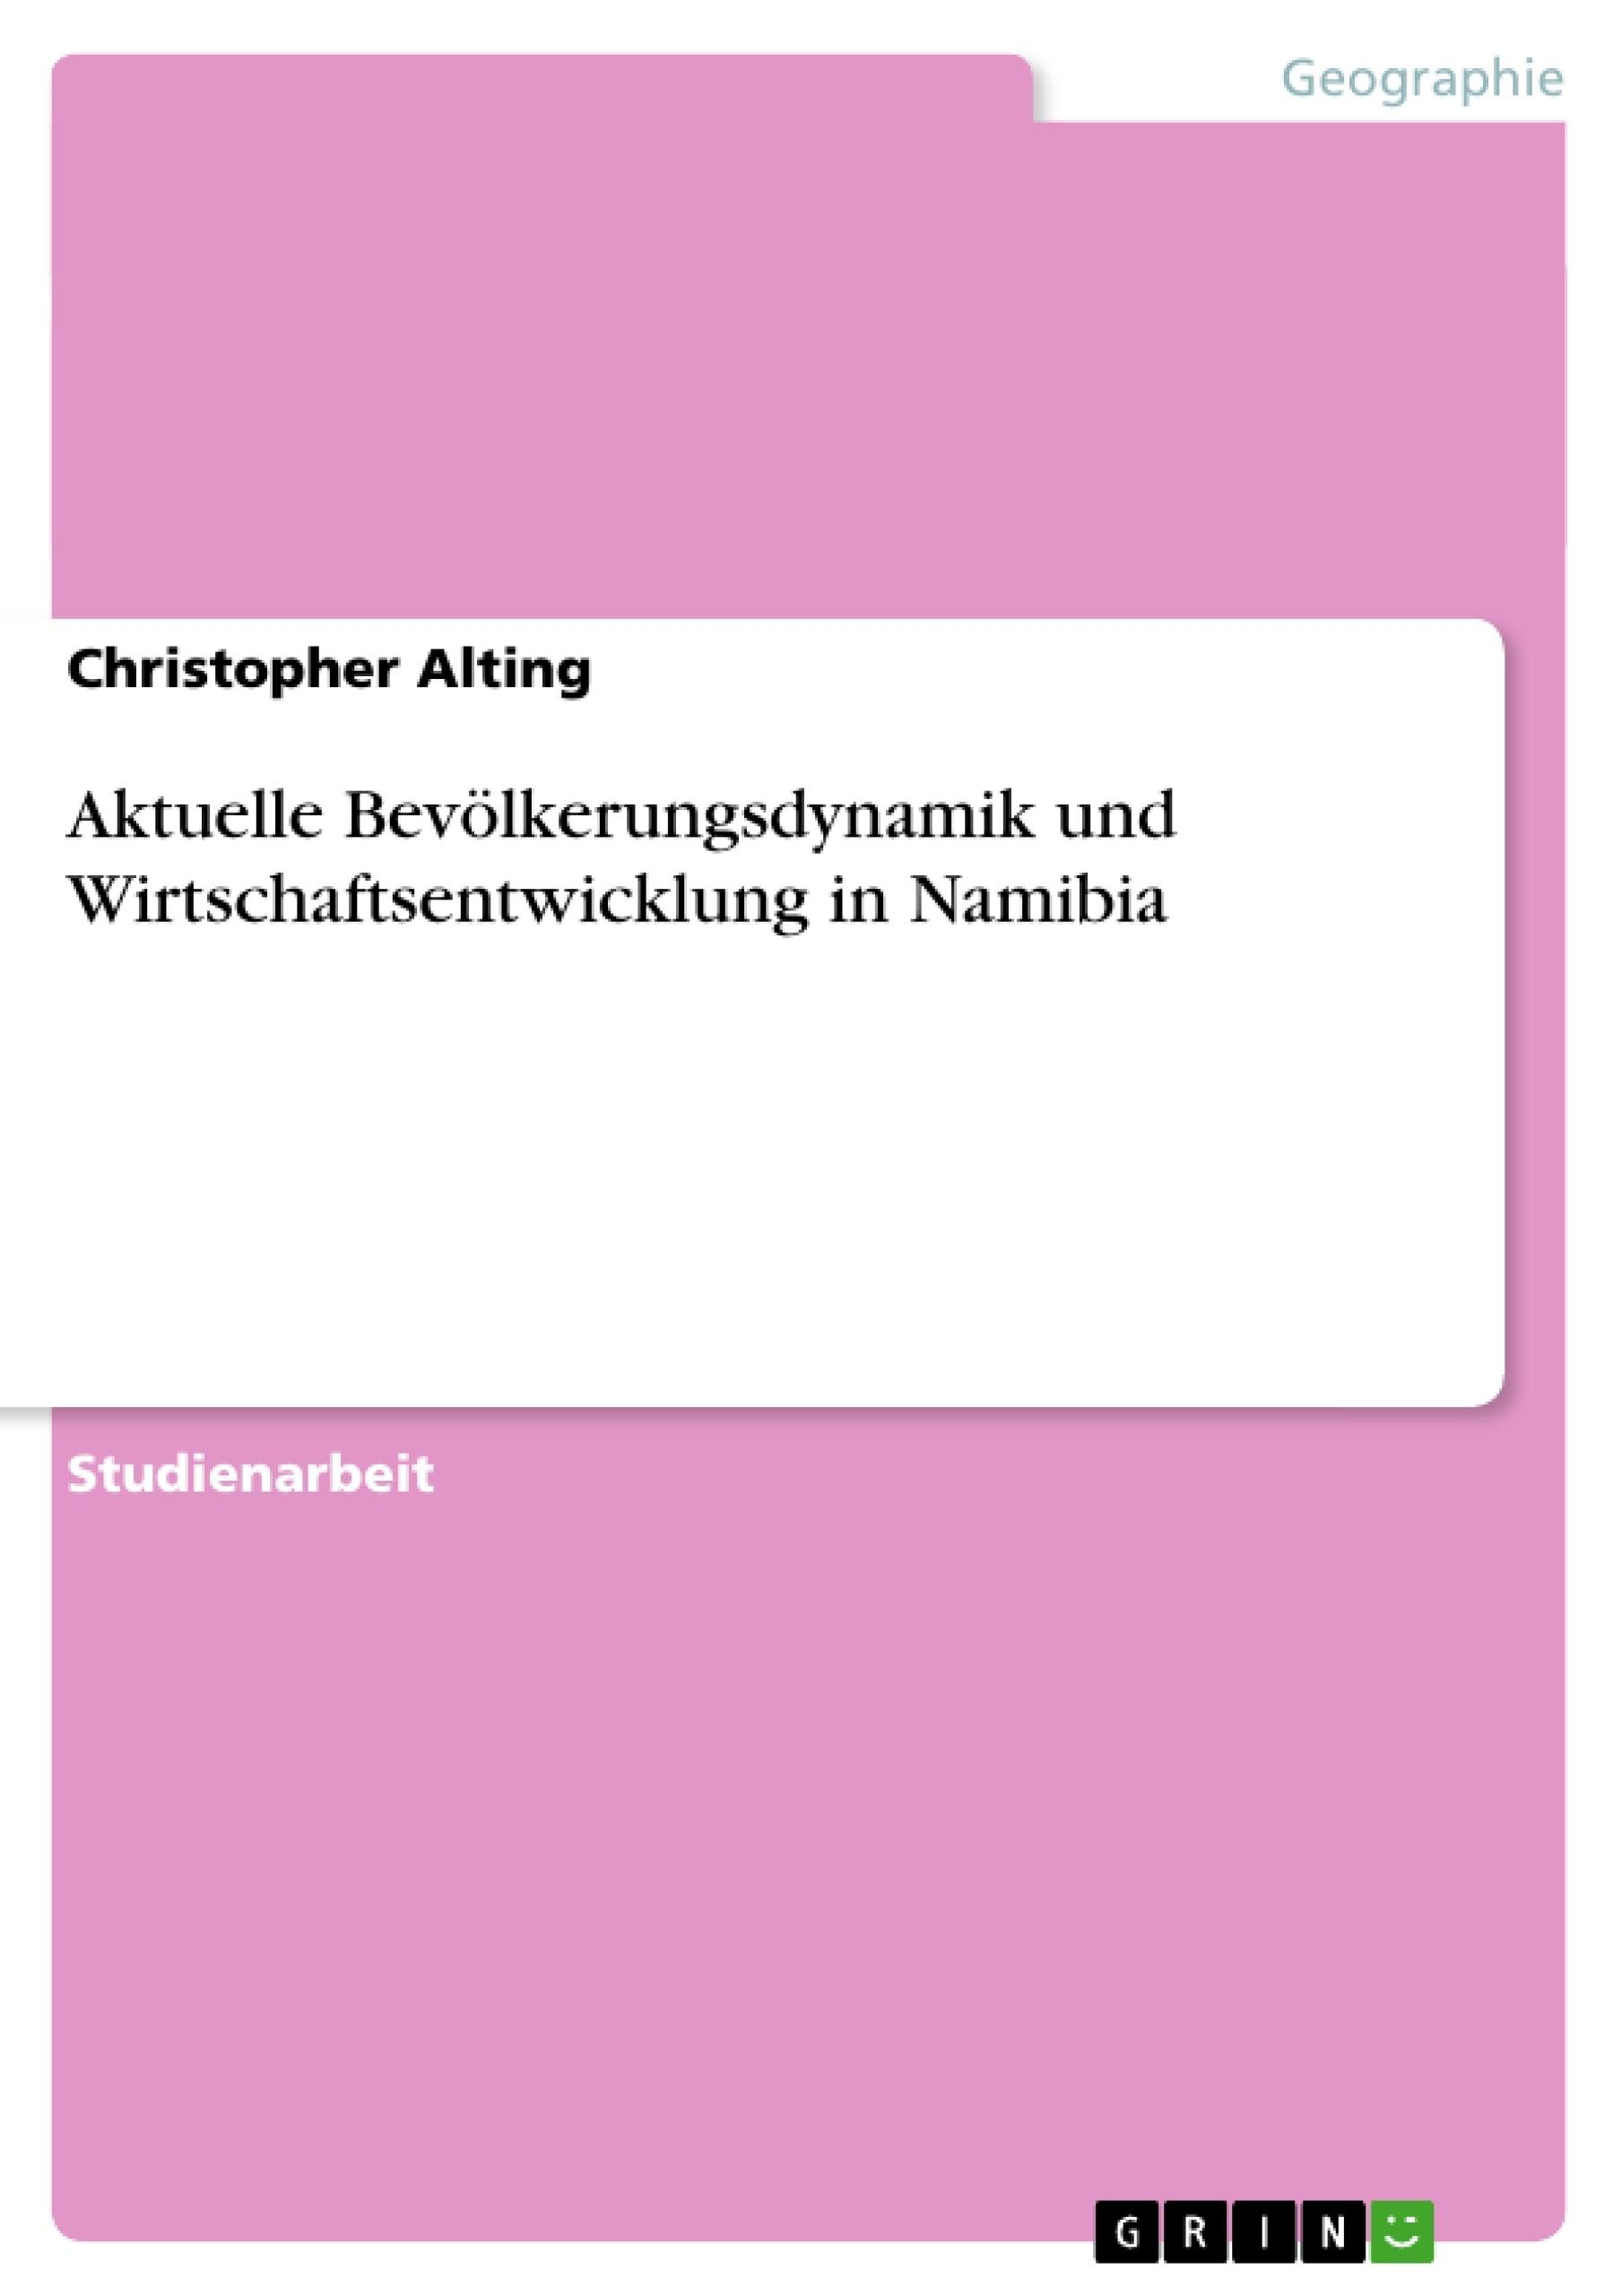 Titel: Aktuelle Bevölkerungsdynamik und Wirtschaftsentwicklung in Namibia